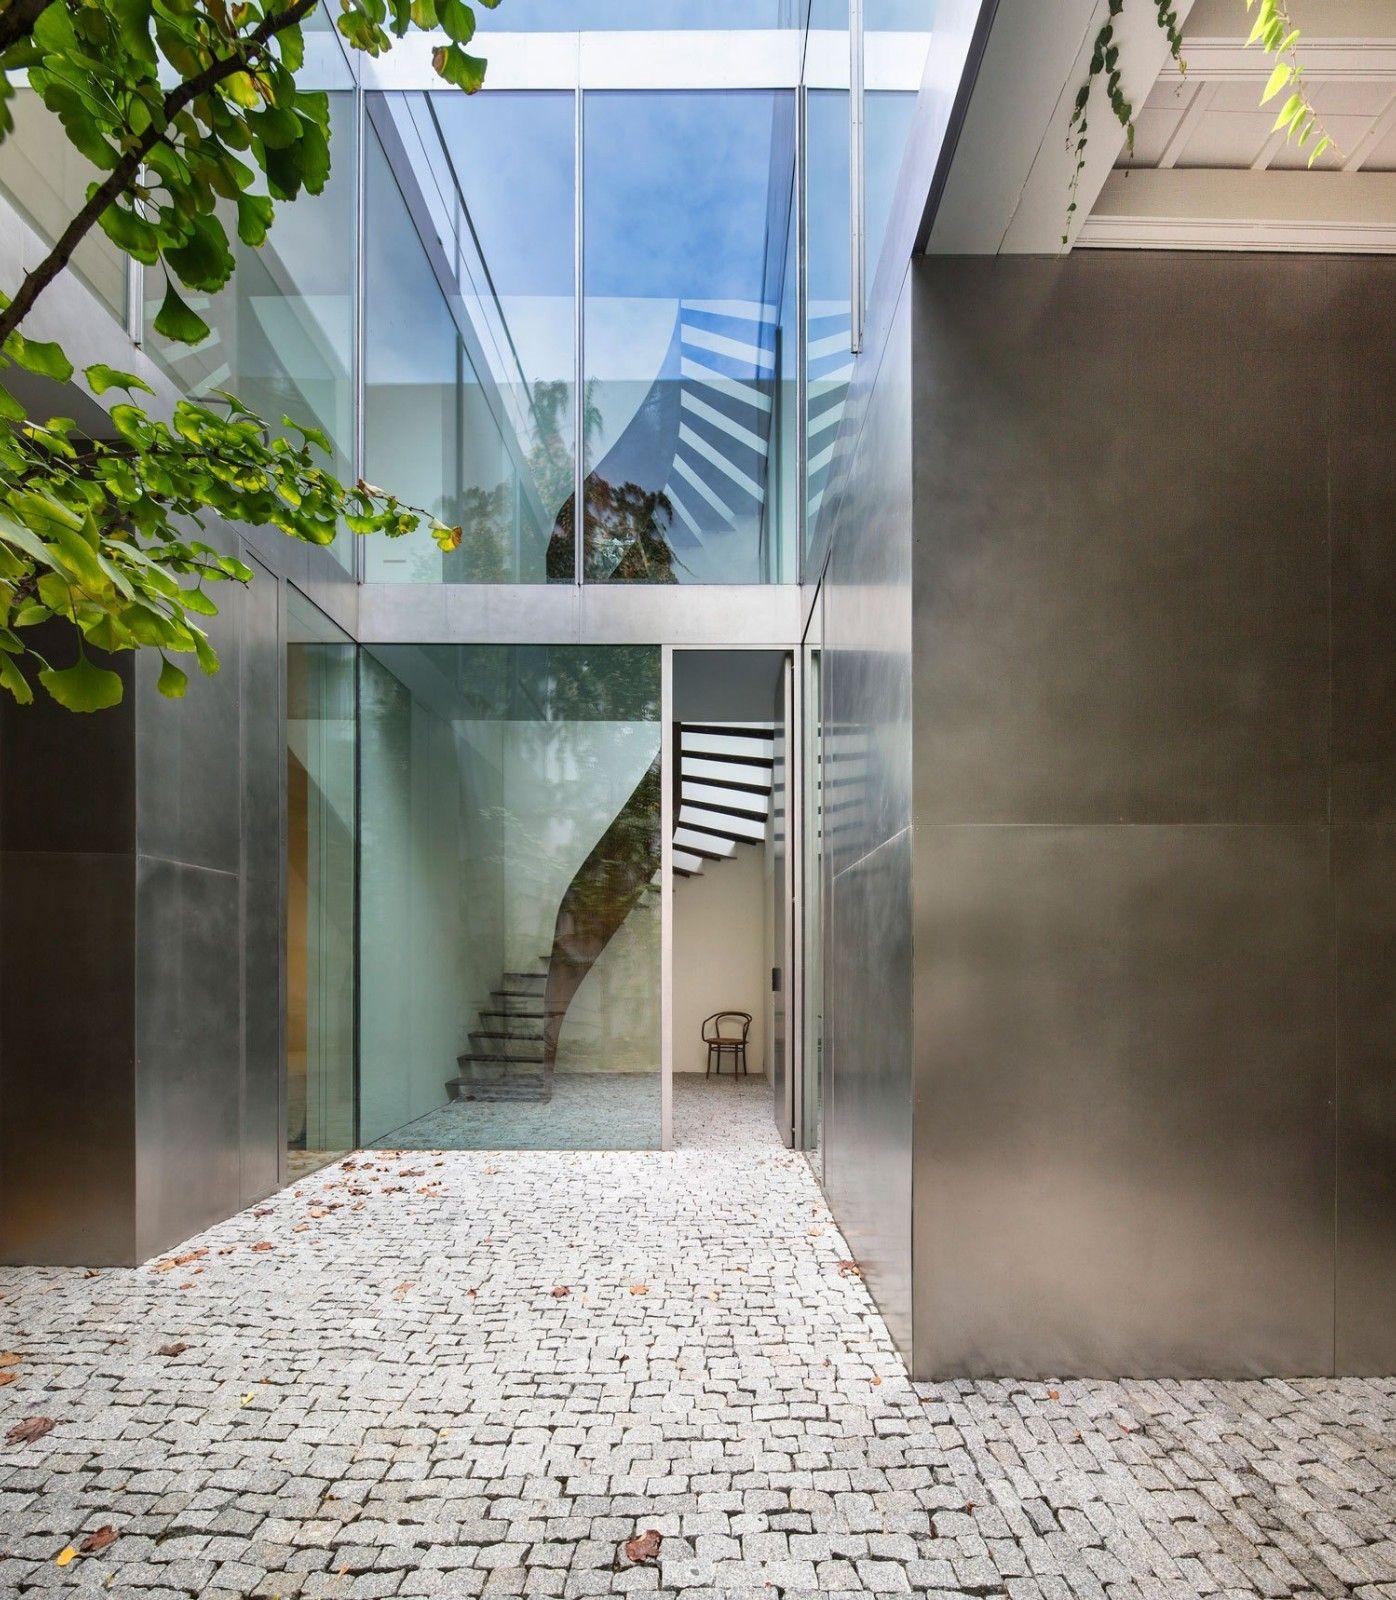 最新 | Harald schonegger & Inmaculada González:塞维利亚阳光庭院住宅